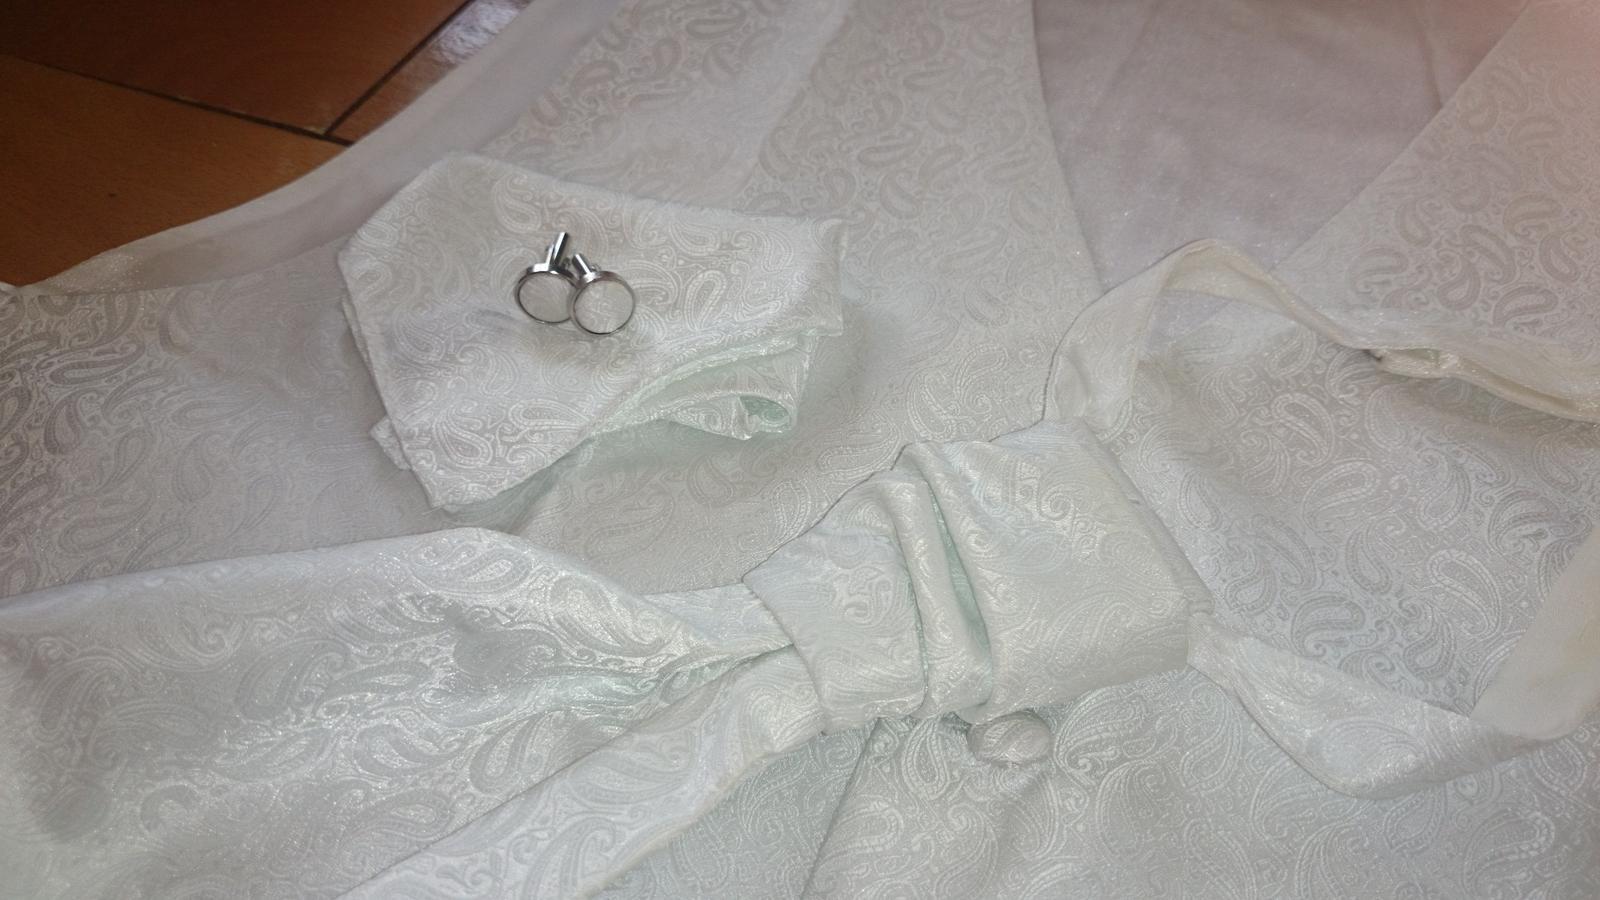 Luxusný svadobný set pre ženícha - Obrázok č. 2